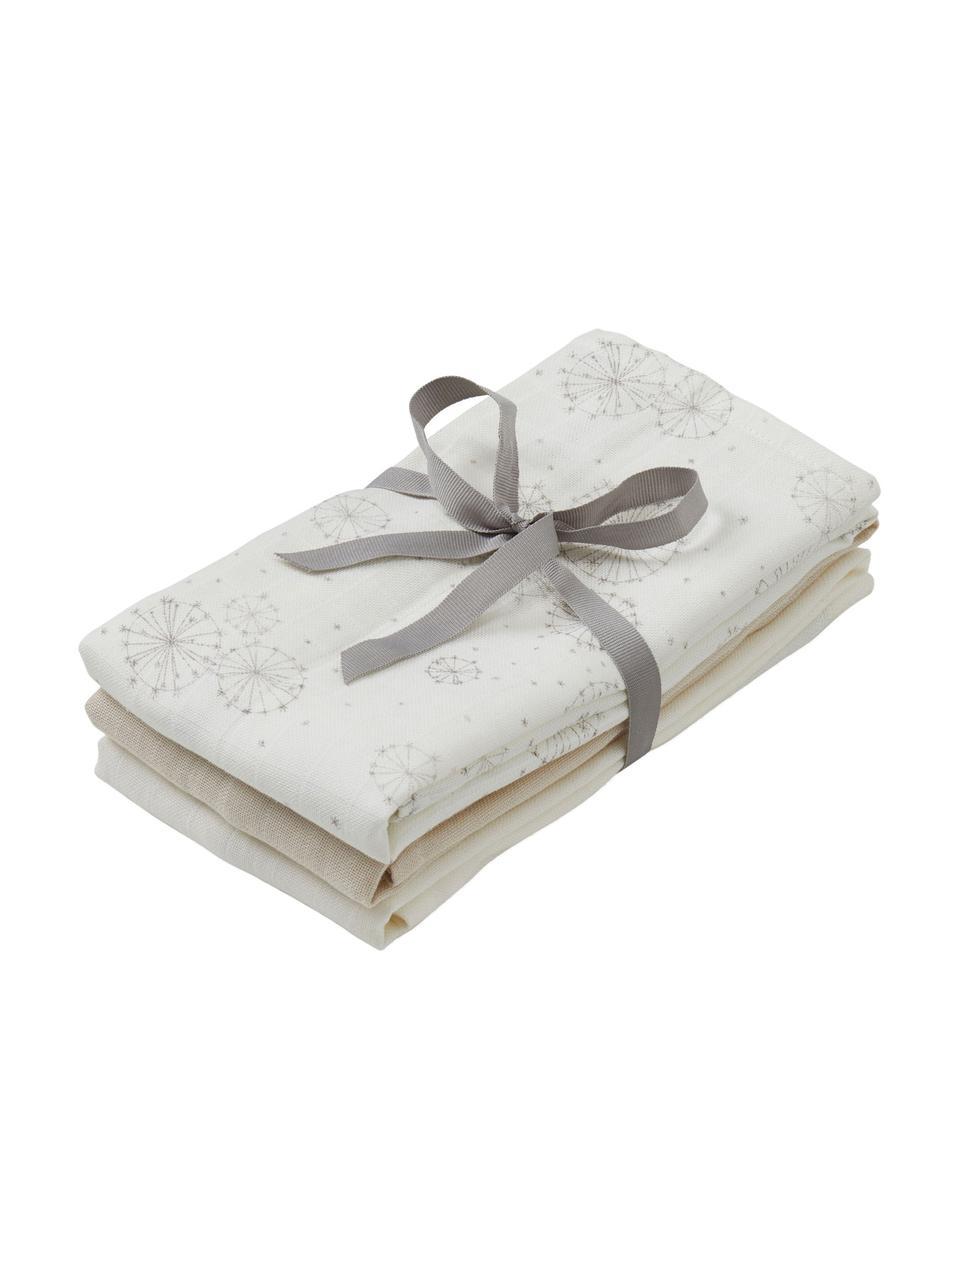 Mulltücher-Set Dandelion aus Bio-Baumwolle, 3-tlg., 100% Biobaumwolle, Weiß, Beige, Creme, 70 x 70 cm